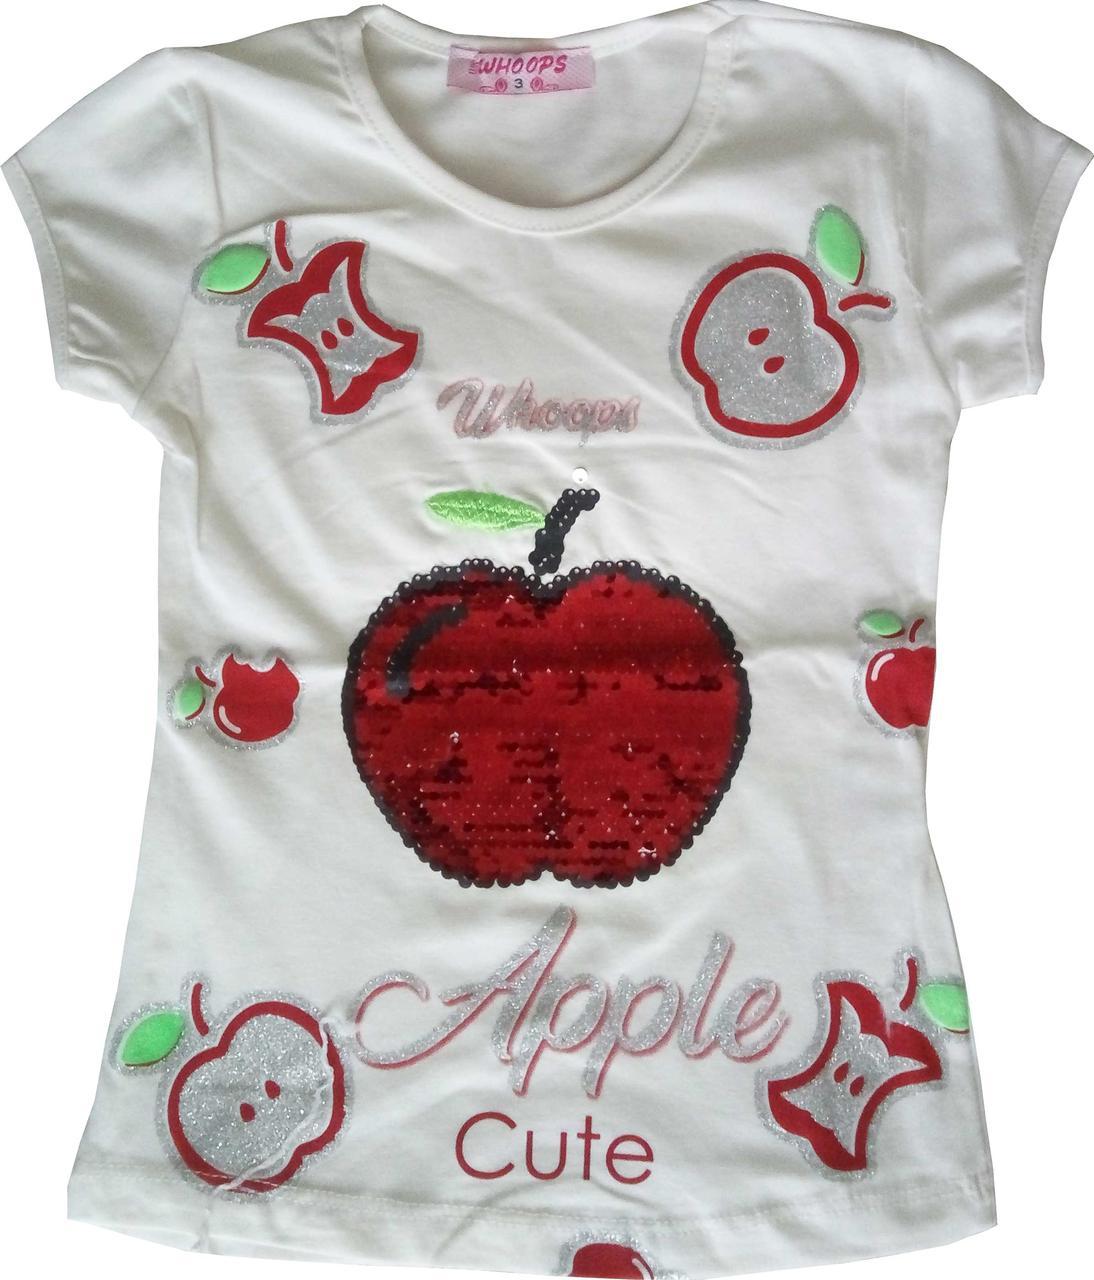 Детская футболка для девочек 2-5 лет, с пайетками